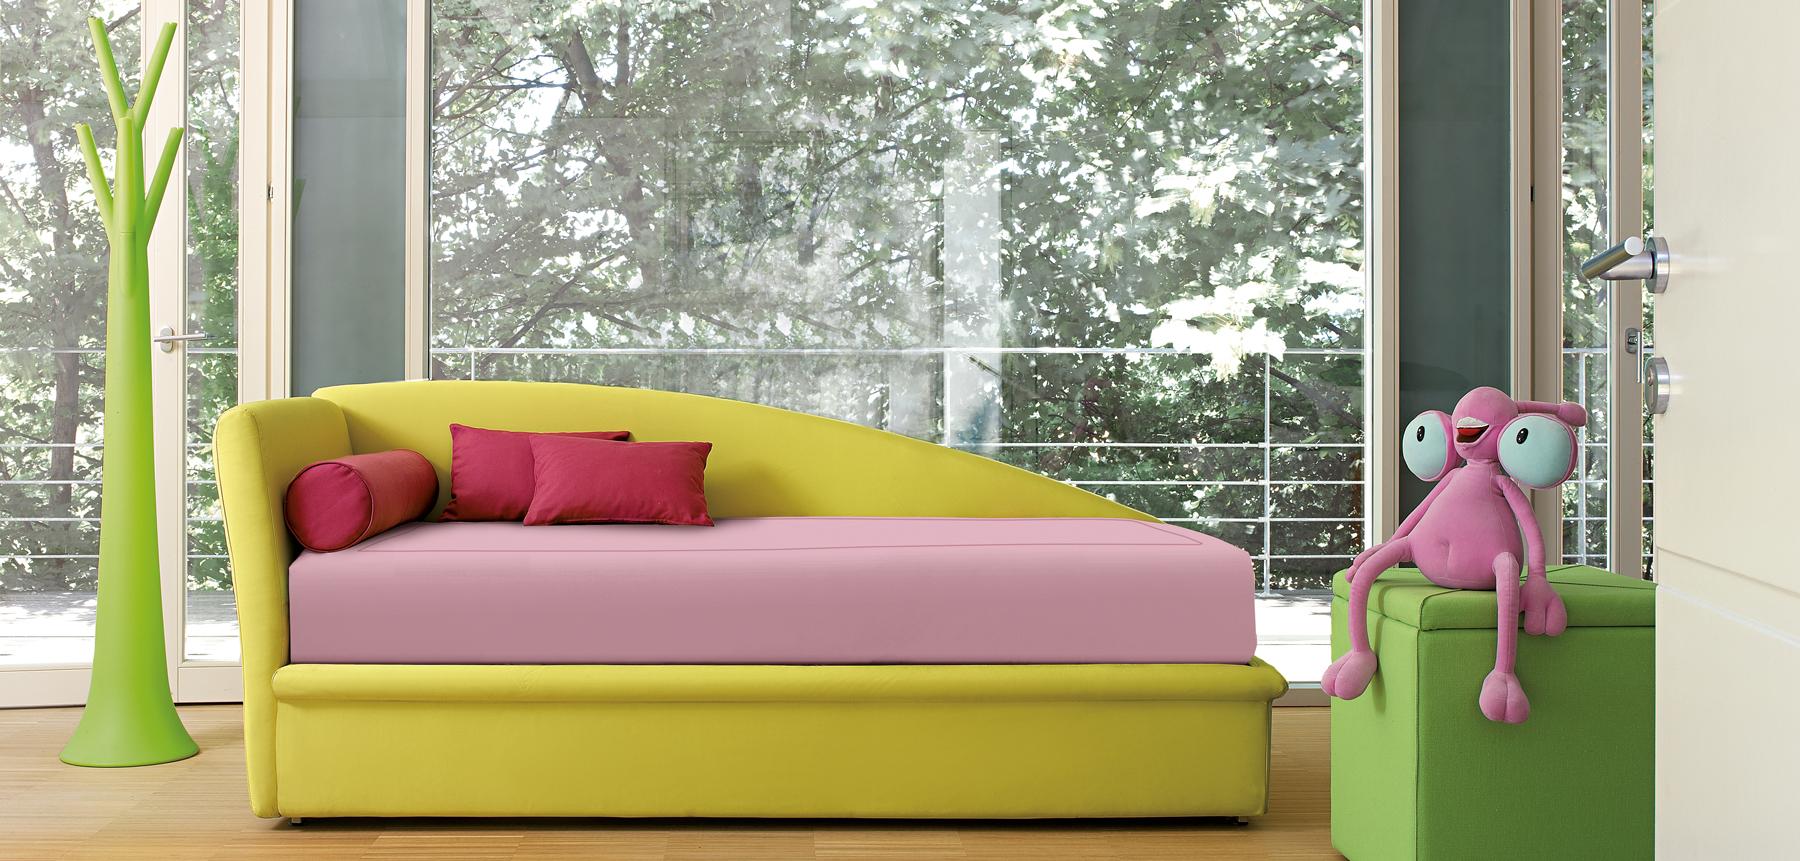 Детская кровать кушетка